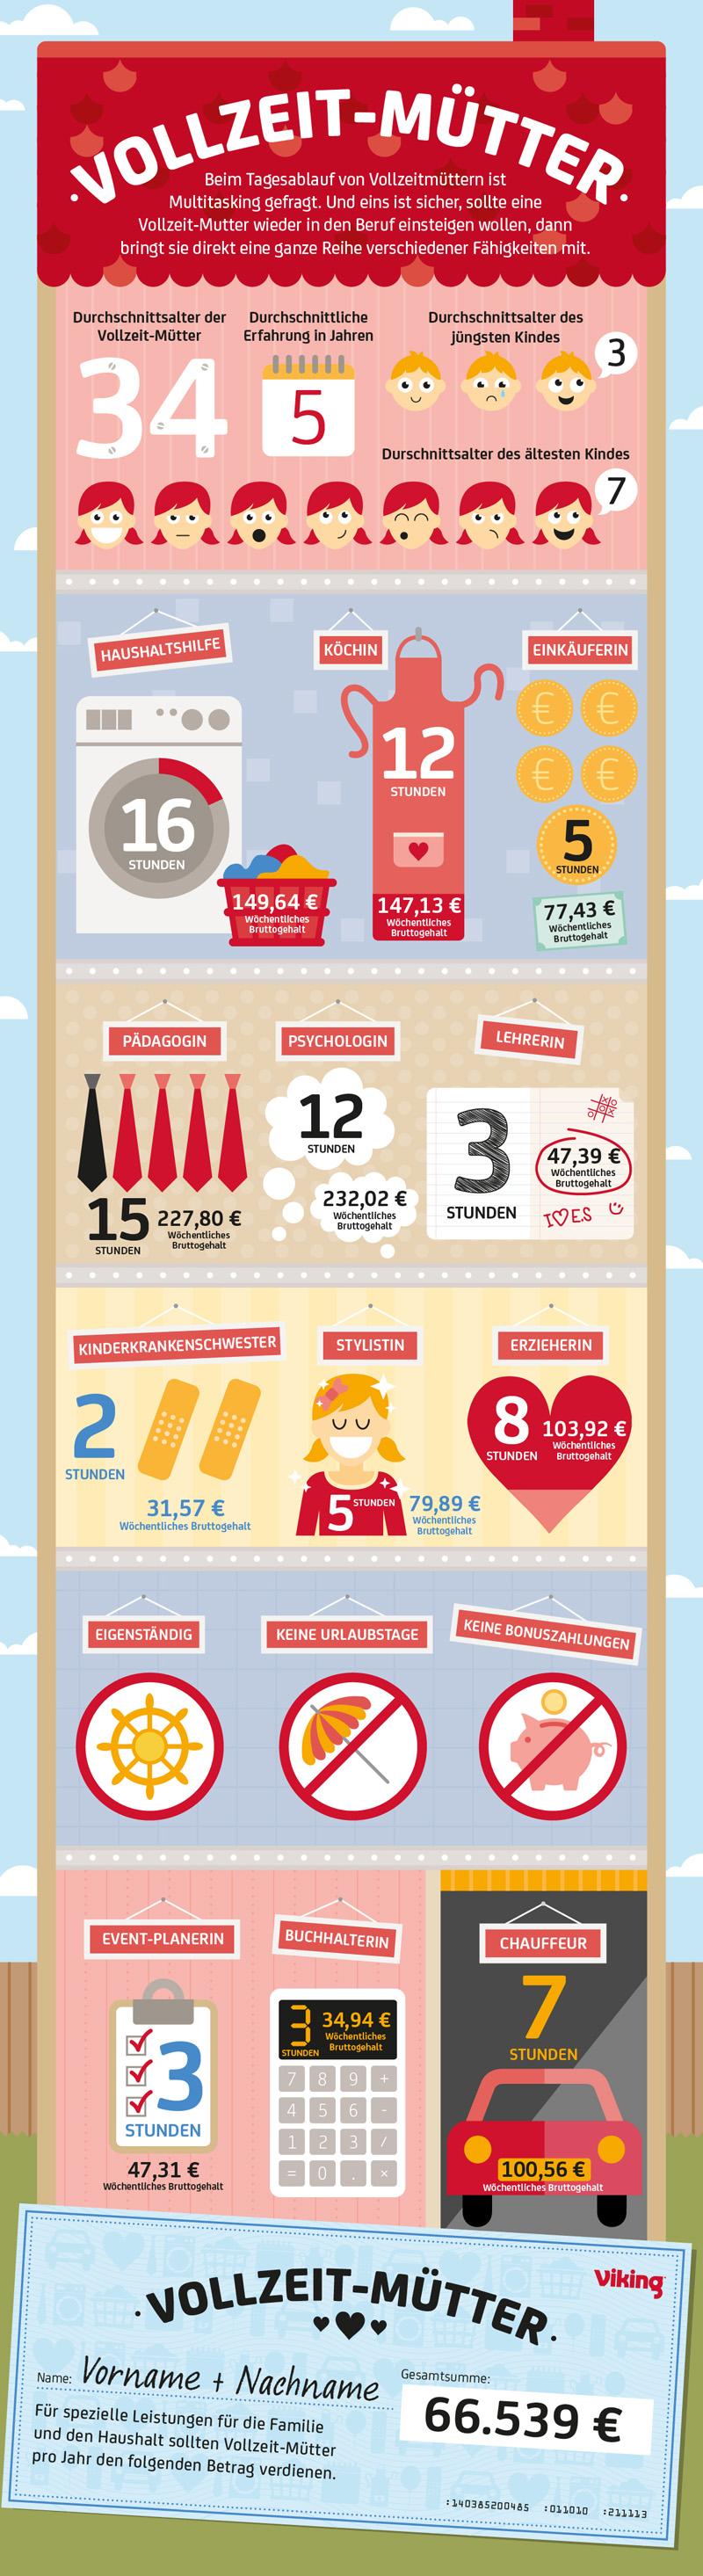 Infografik Vollzeit-Mutter